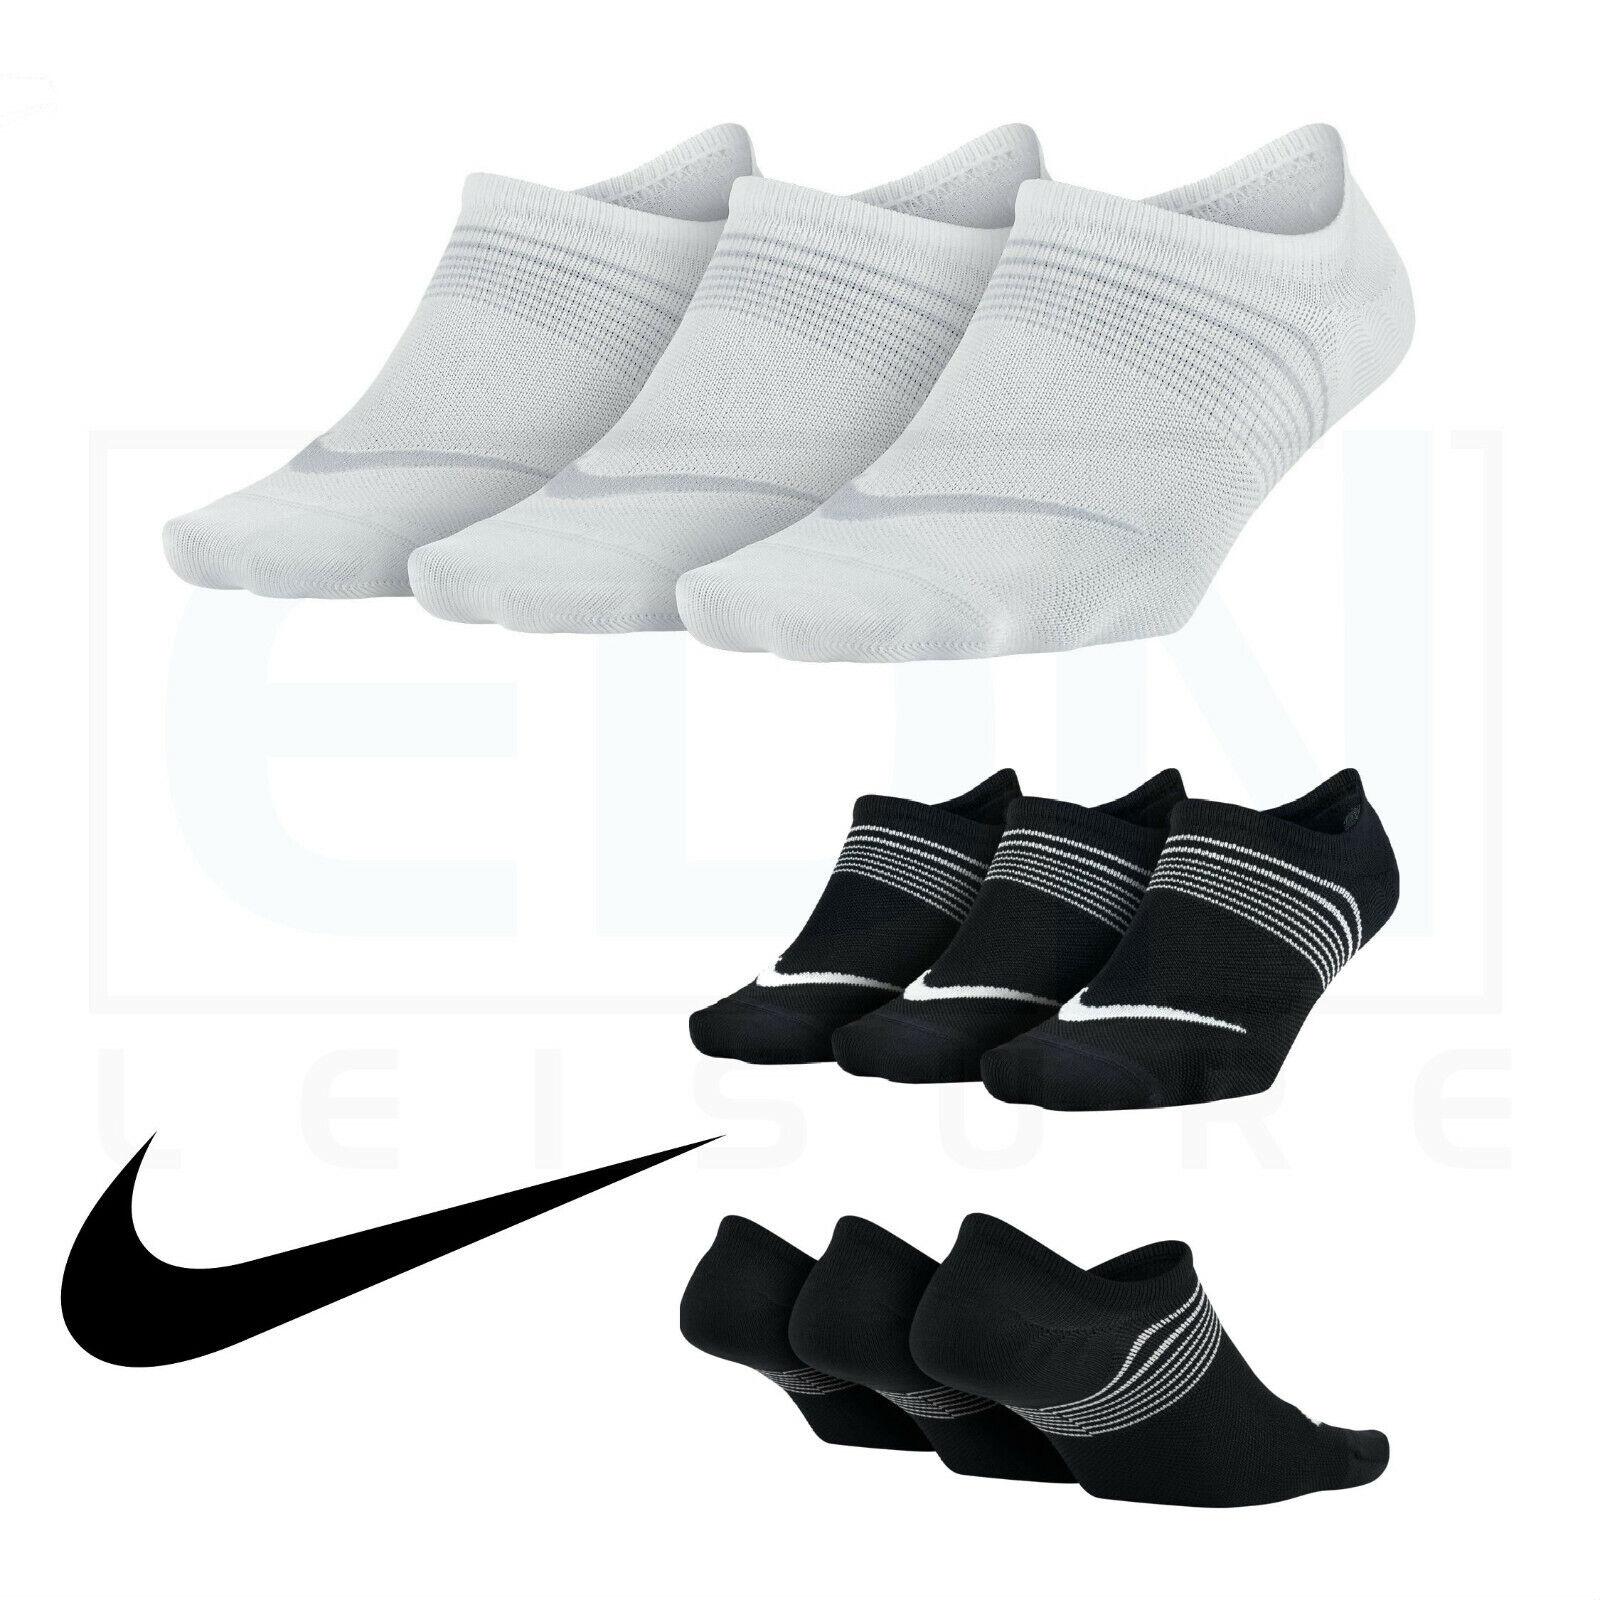 Détails sur Haut femme Nike Chaussettes No Show 3 Paires Femmes Femme Filles Cheville Sports Tailles UK 2 8 afficher le titre d'origine